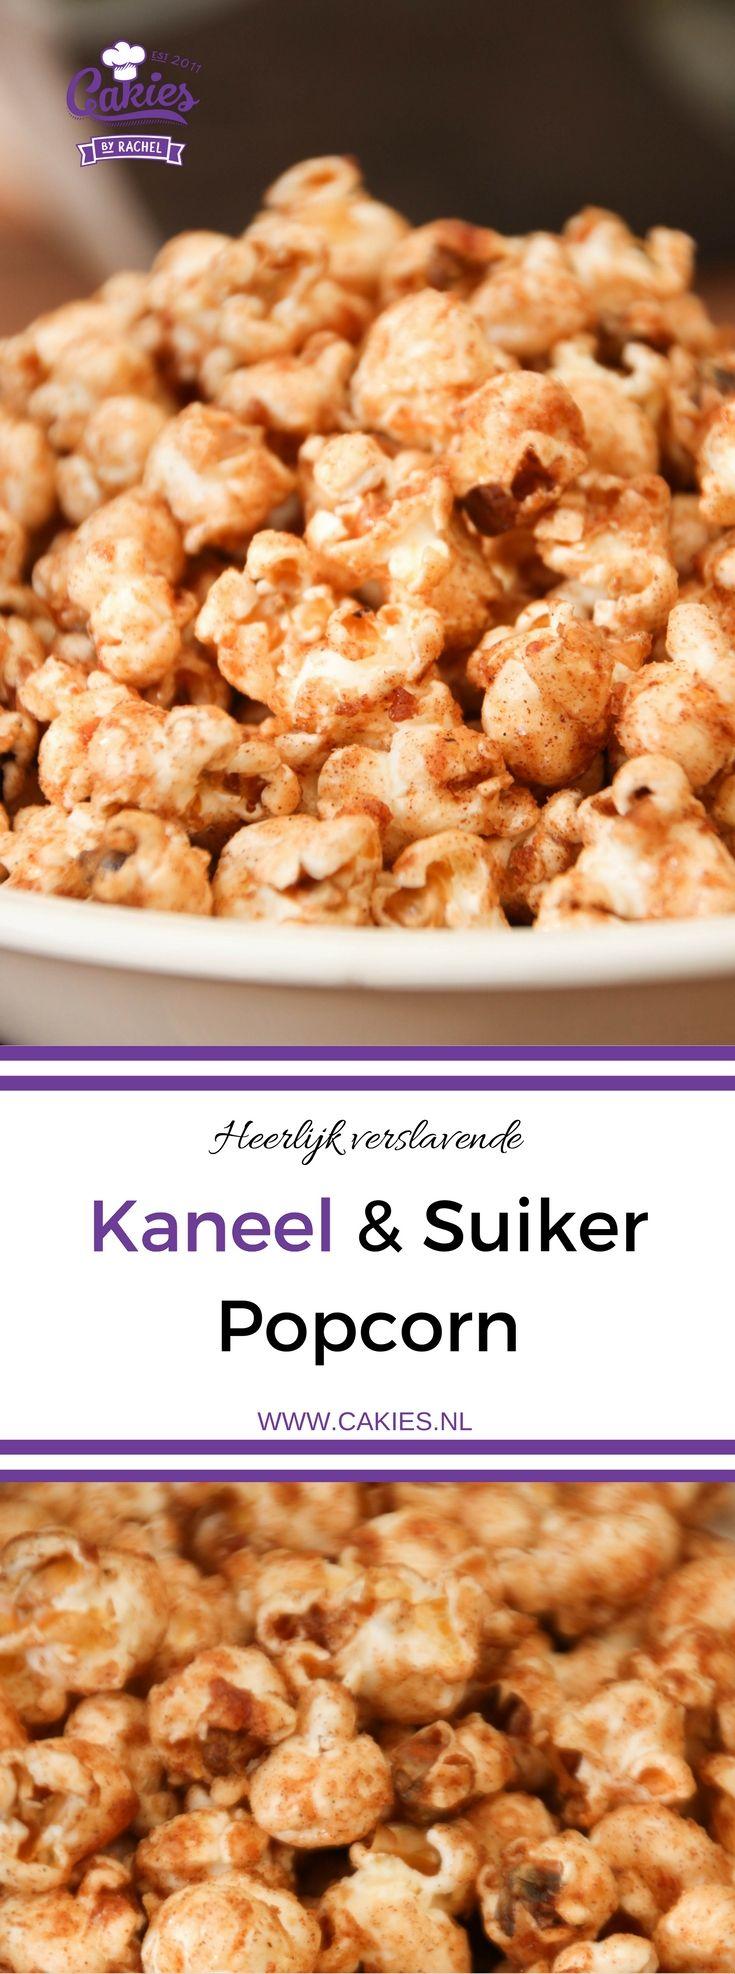 Verslavende Kaneel en Suiker Popcorn | Deze kaneel en suiker popcorn is zo lekker dat je niet zal kunnen stoppen met eten. Het is verslavend lekker! Een simpel en makkelijk recept. | http://www.cakies.nl